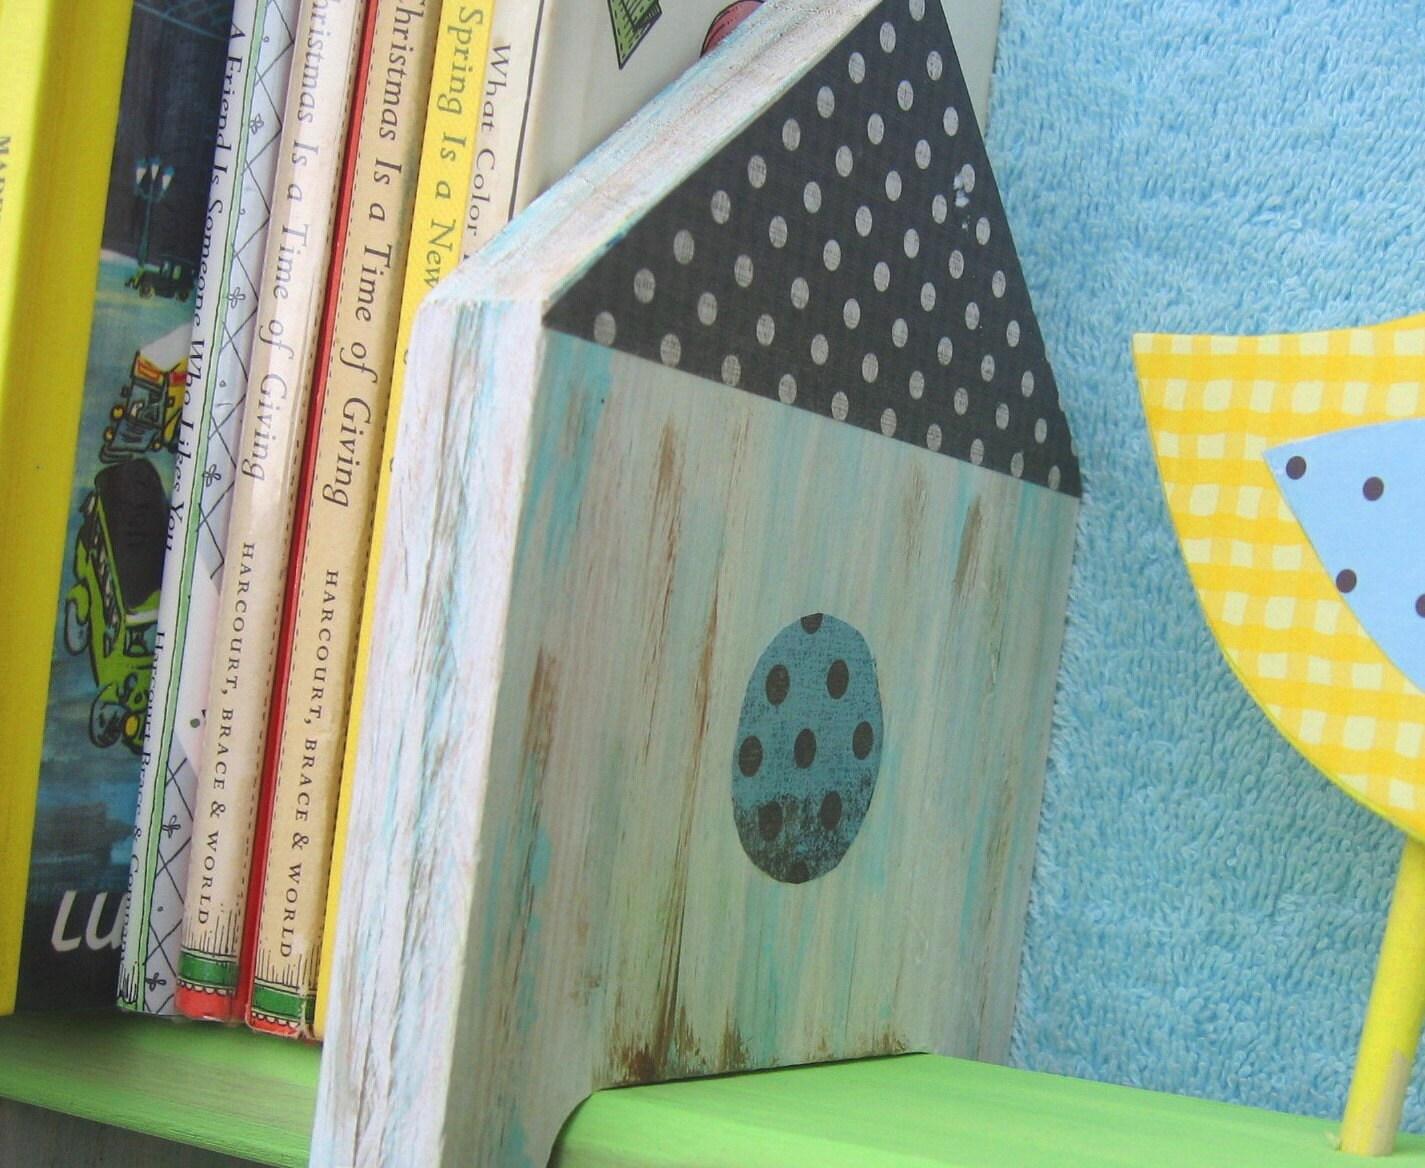 Книжная полка Хейли Птица Дети Керамика Barn Вдохновленный экологию по Storytime АРТ